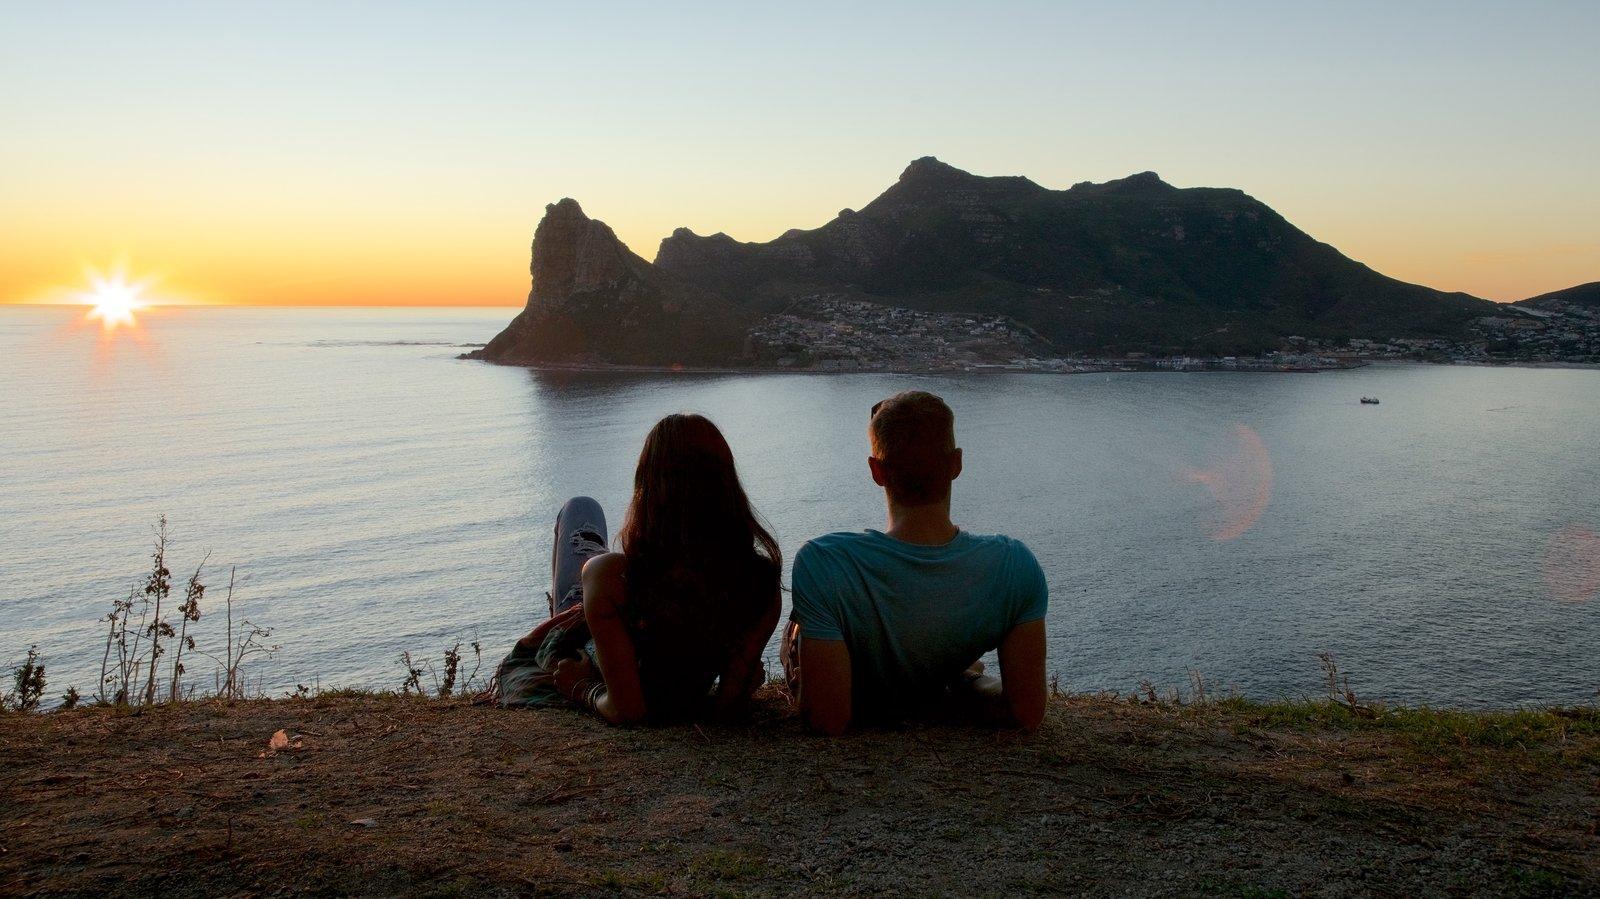 Chapmans Peak caracterizando um pôr do sol e litoral rochoso assim como um casal